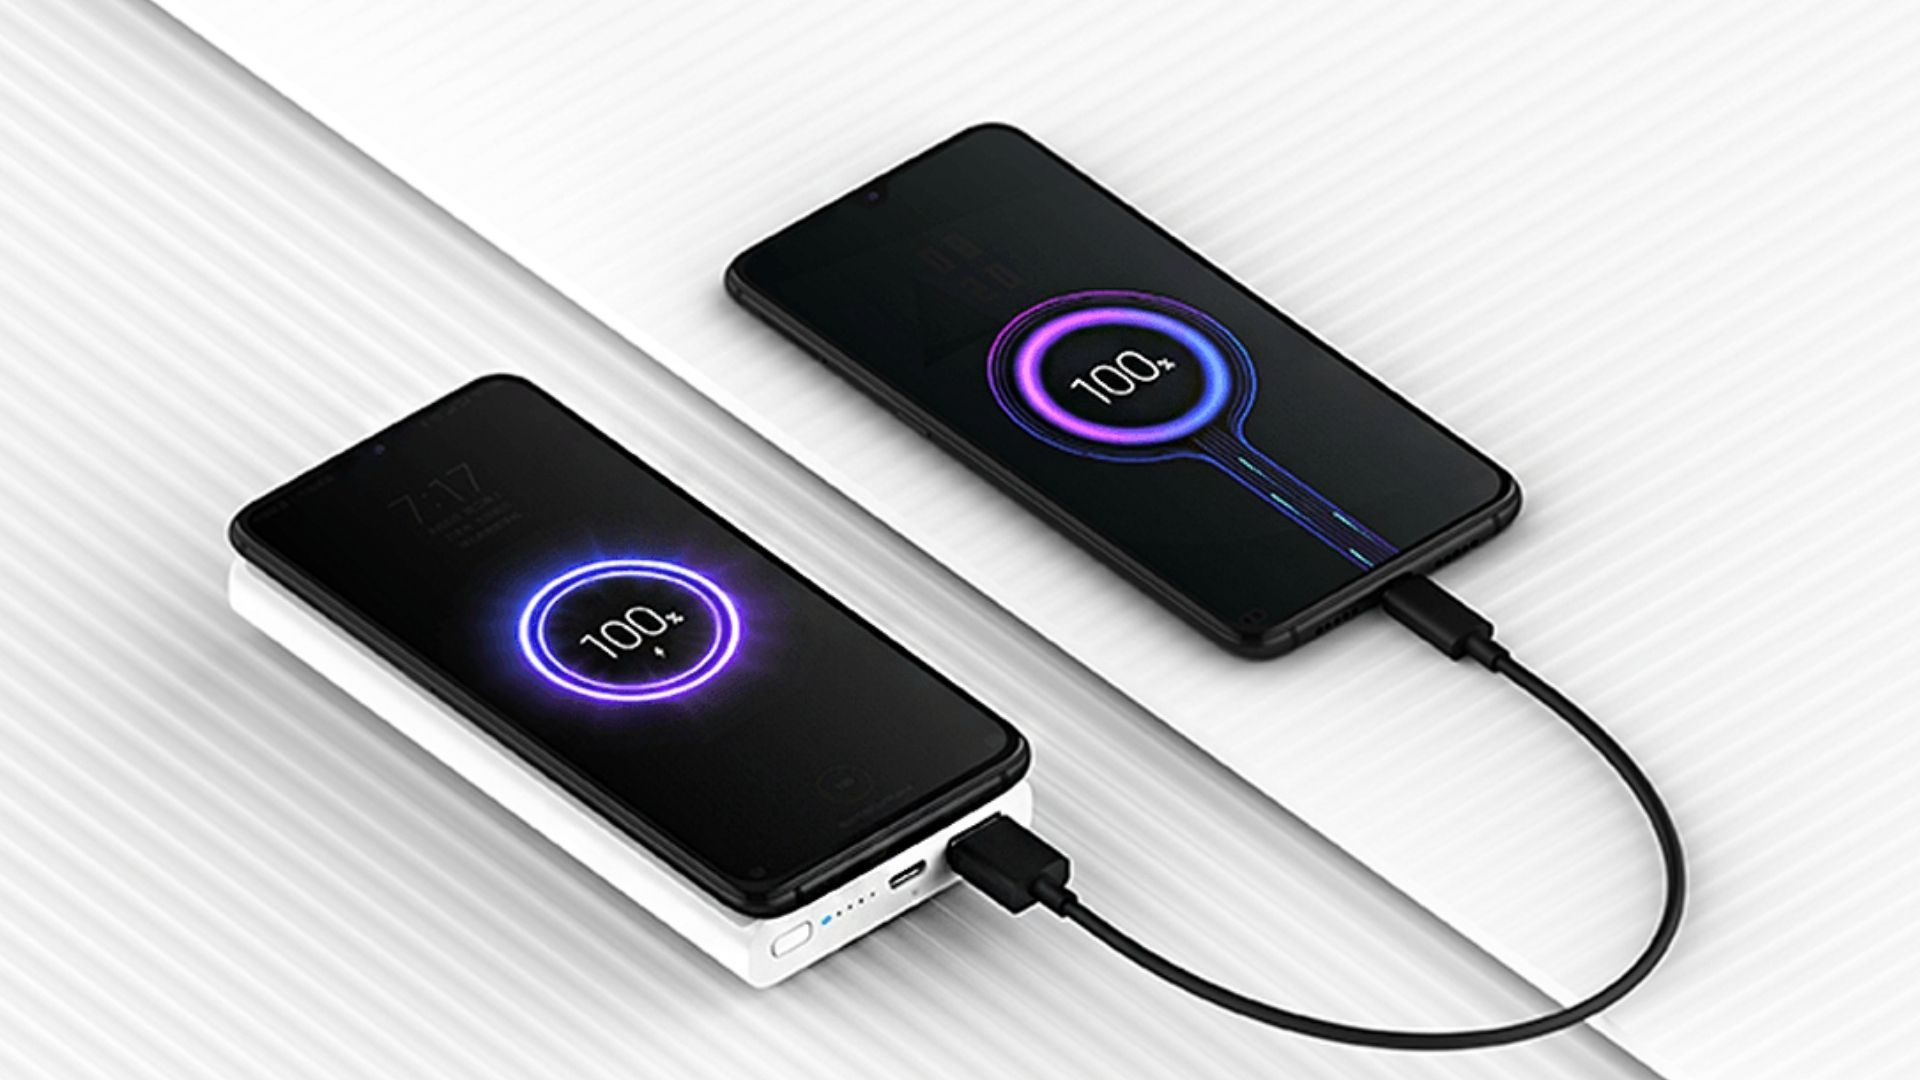 Bateria Externa de 10000mAh da Xiaomi (Foto: Xiaomi / Divulgação)